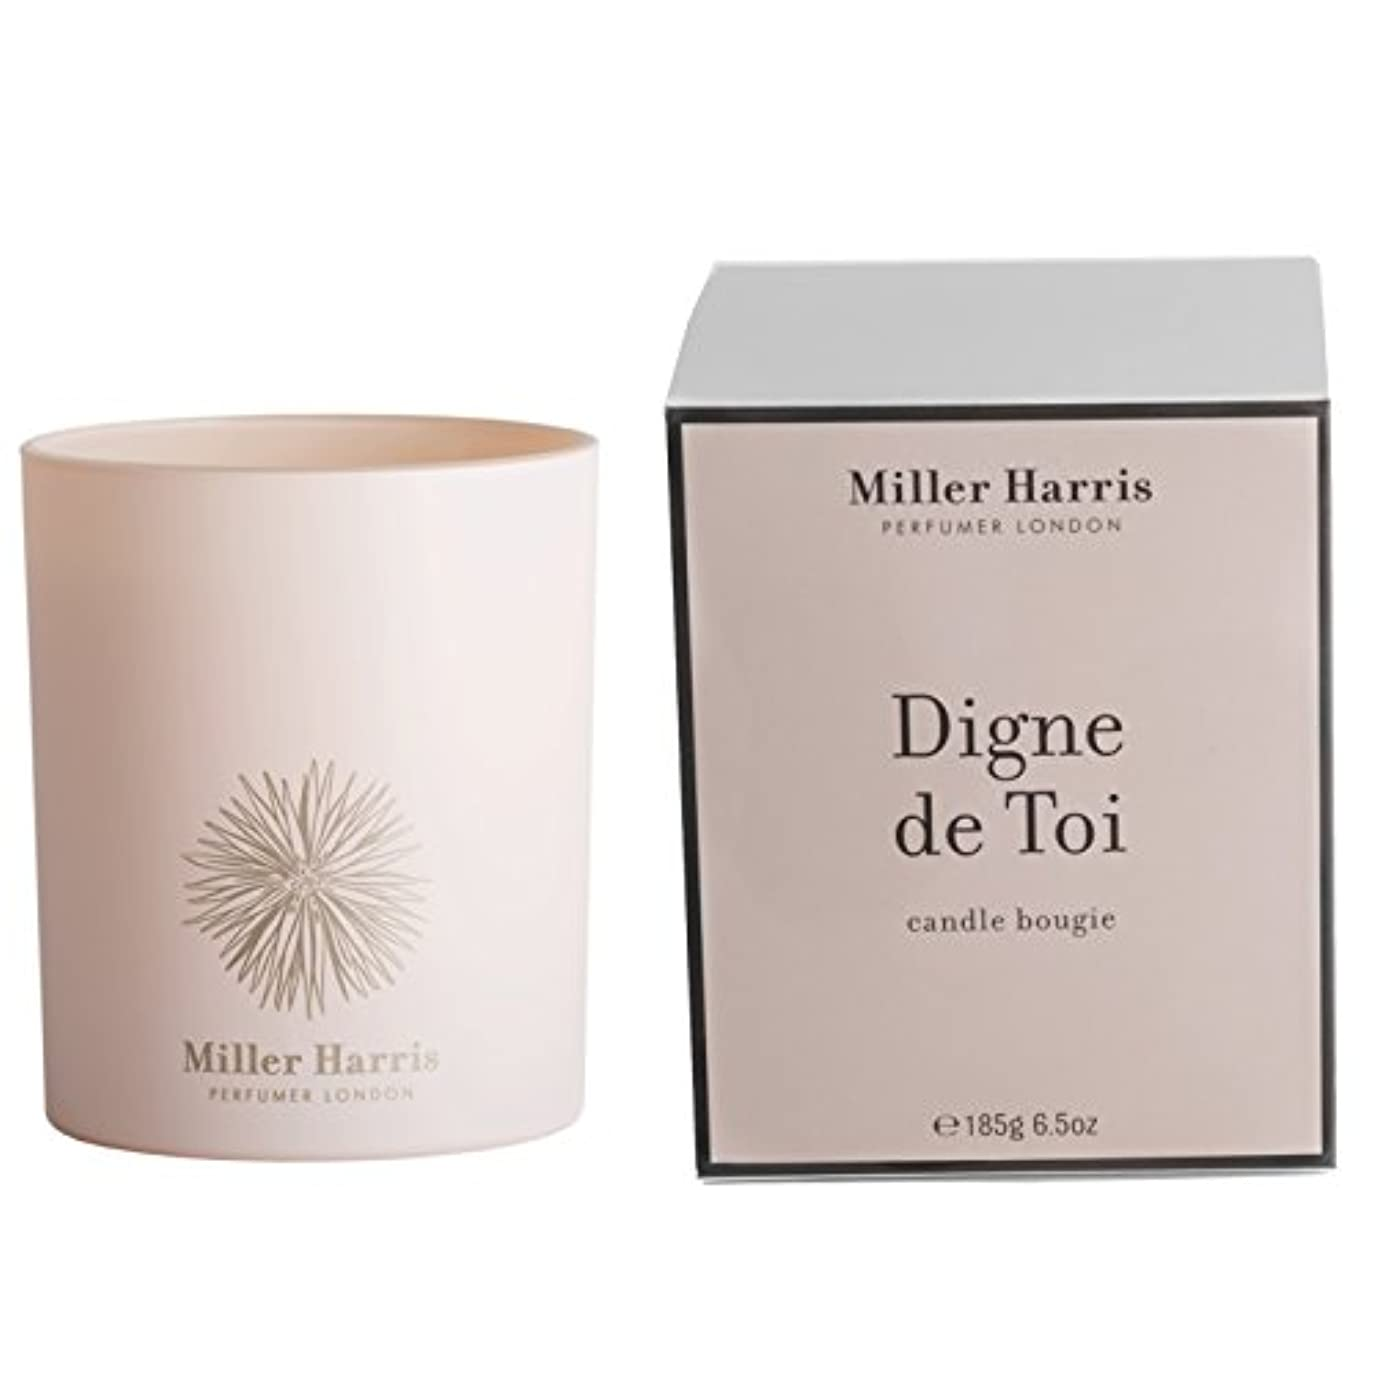 にやにやはい超えるミラーハリス Candle - Digne De Toi 185g/6.5oz並行輸入品